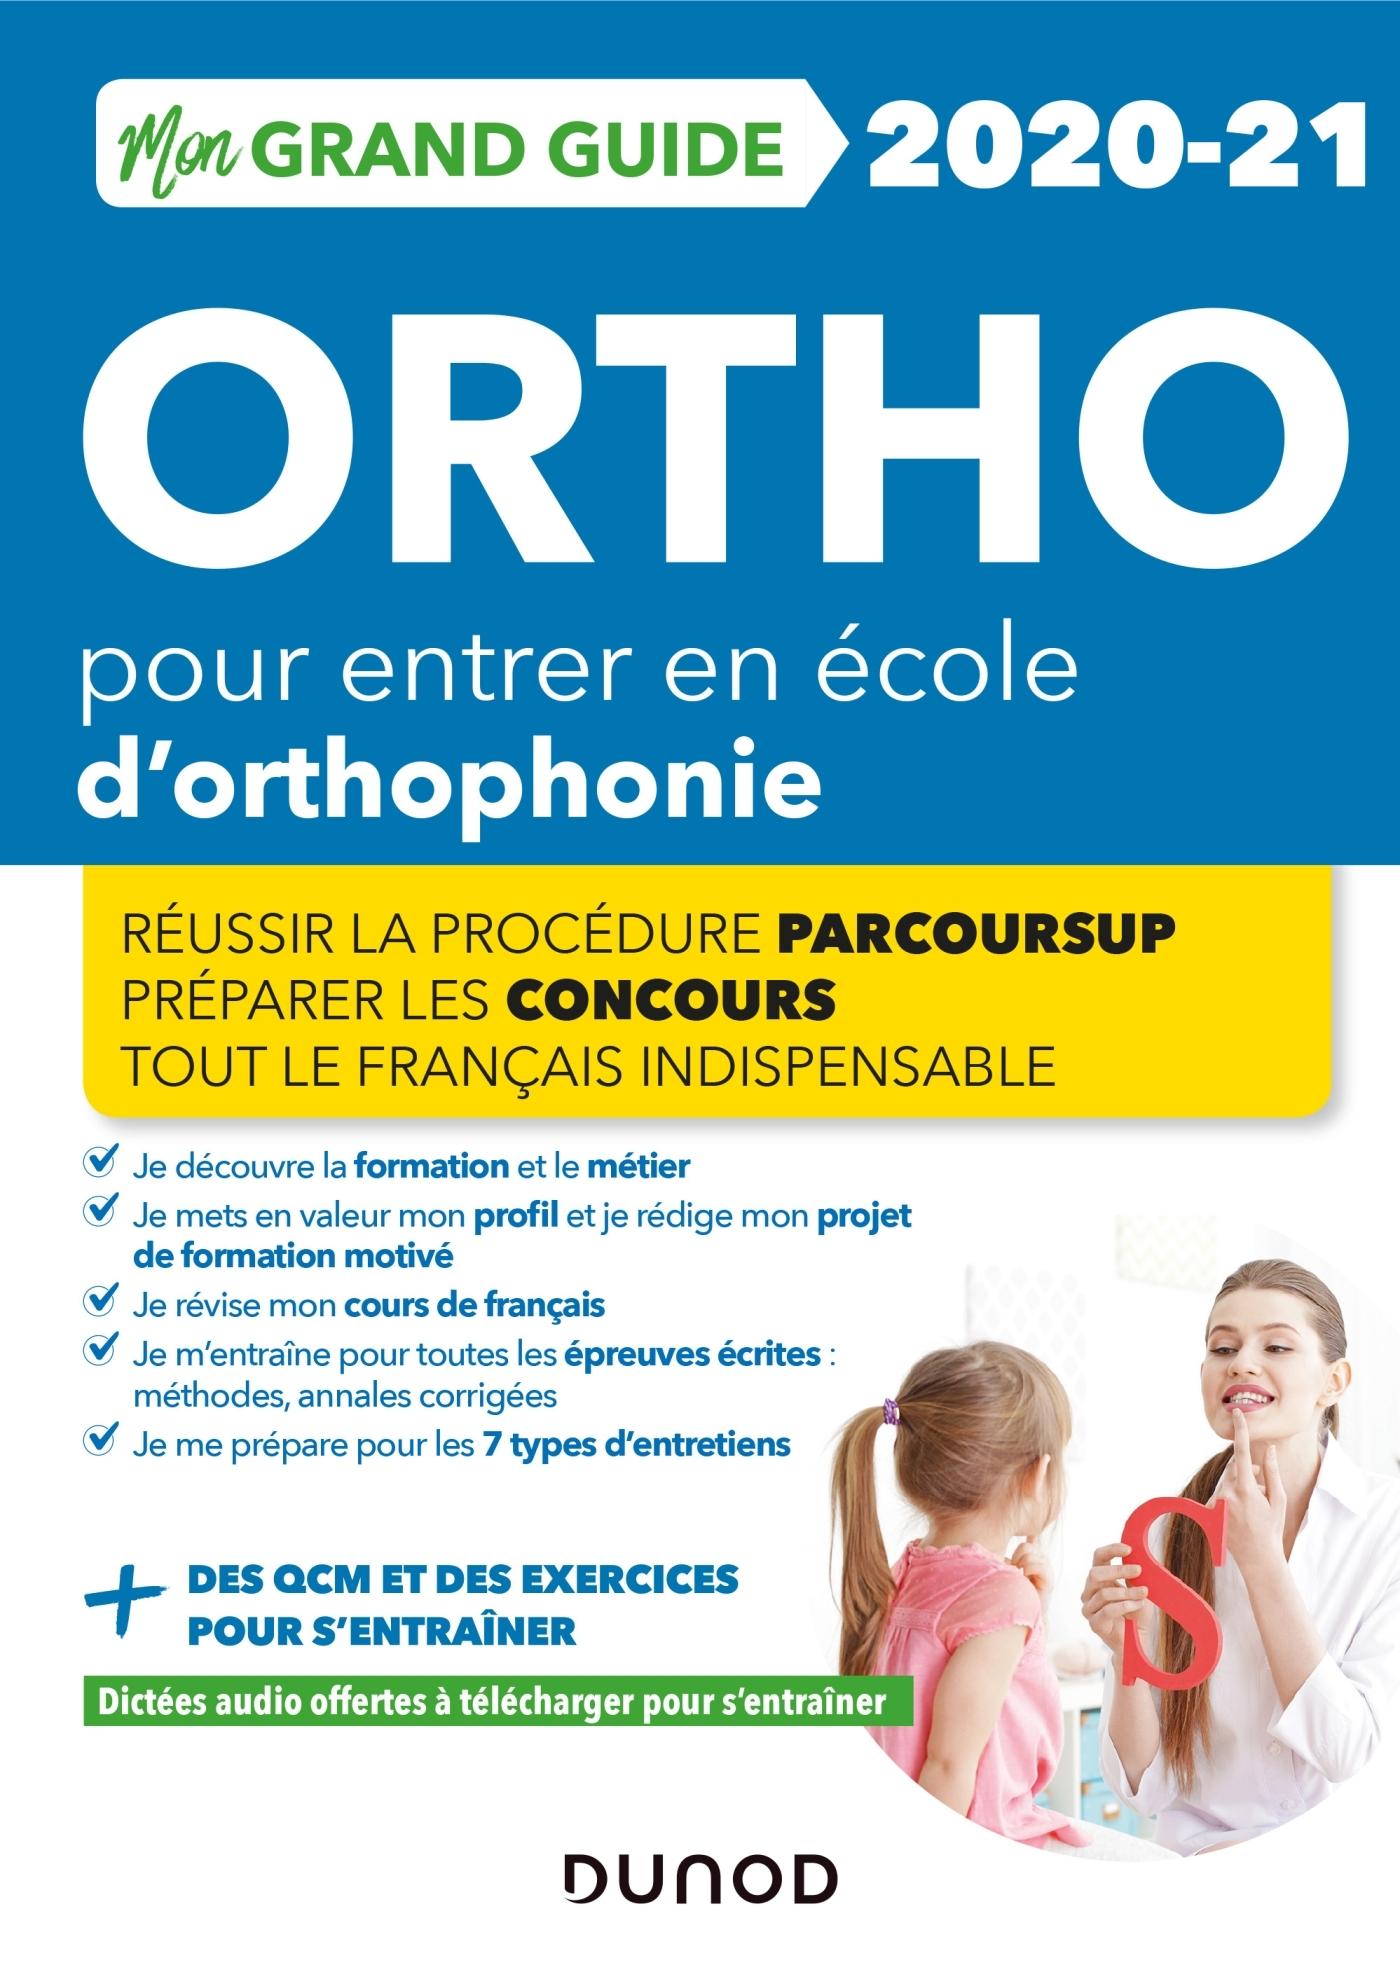 MON GRAND GUIDE ORTHO 2020-21 POUR ENTRER EN ECOLE D'ORTHOPHONIE - REUSSIR LA PROCEDURE PARCOURS SUP